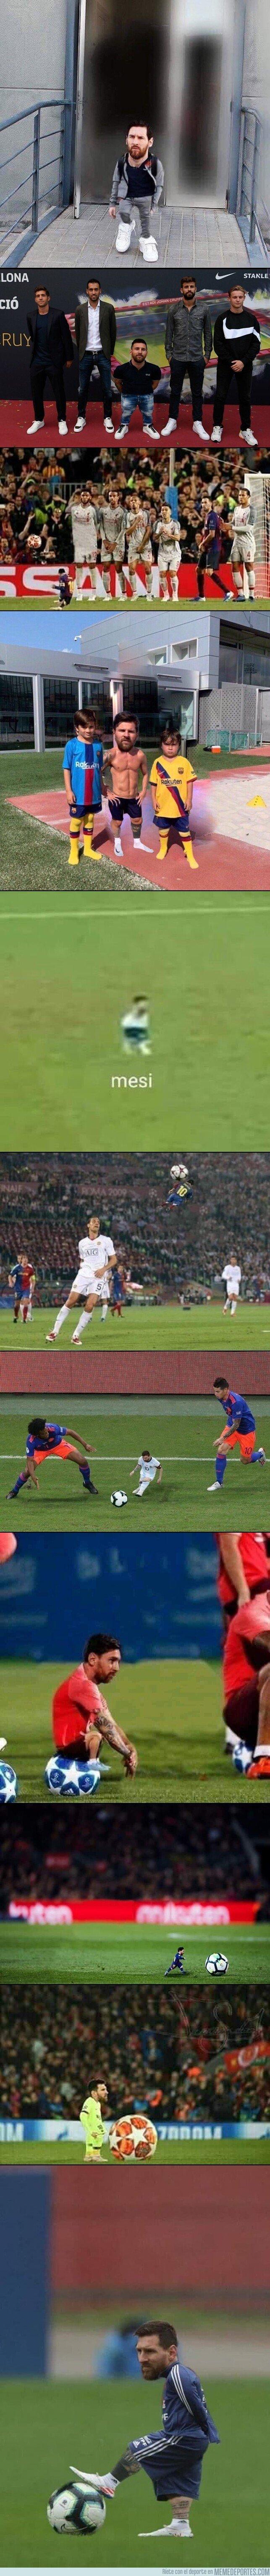 1085412 - Alguien por ahí esta haciendo chops de Messi 'chiquitito' y es un partimiento